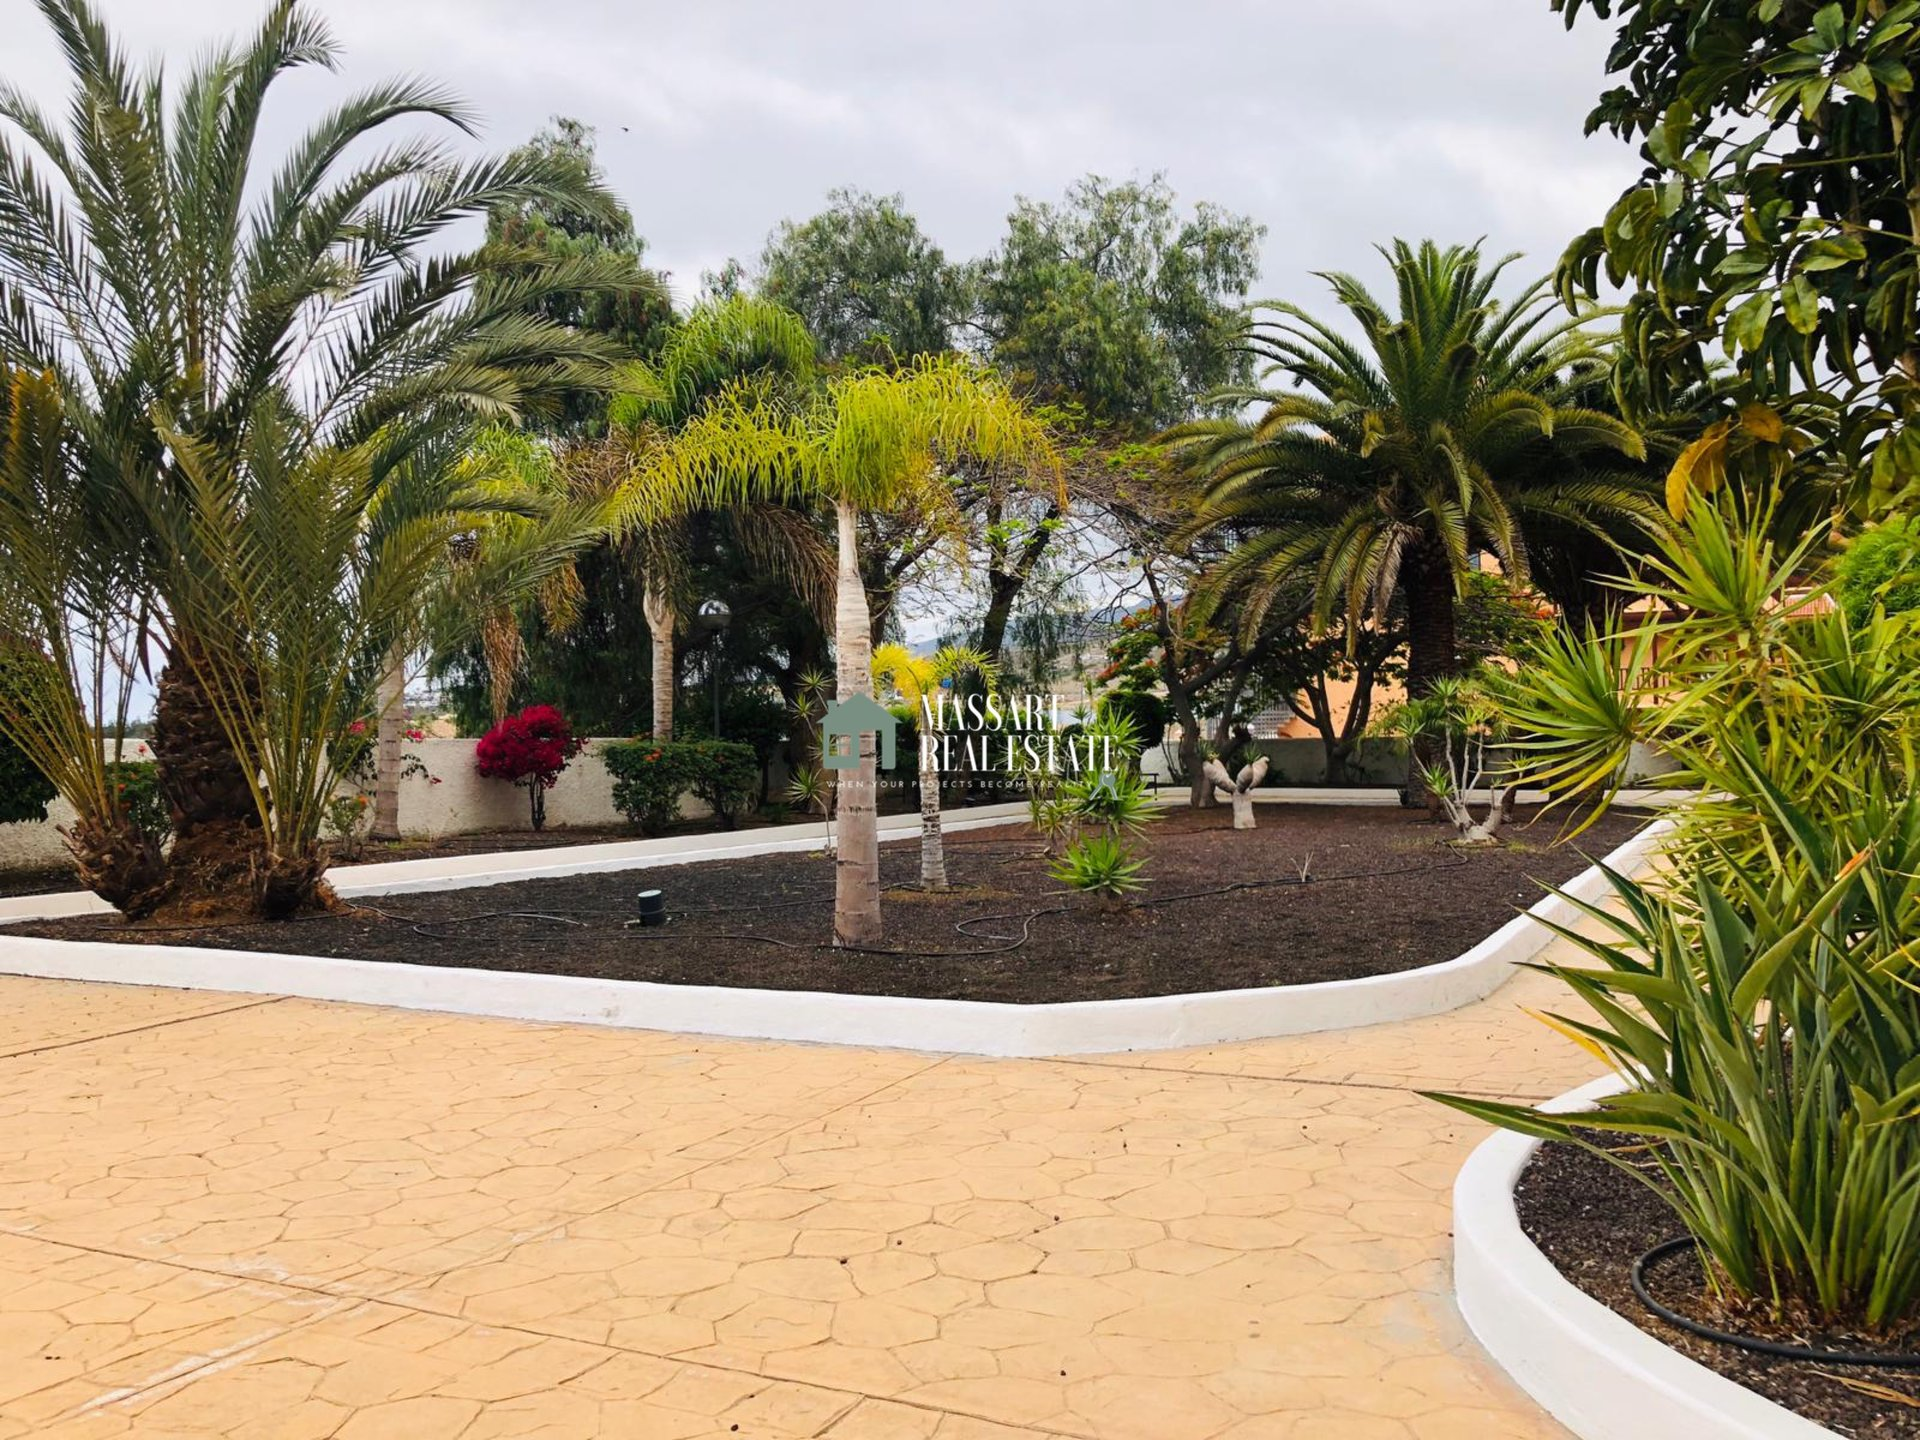 In vendita, in una zona strategica dell'isola di Tenerife (Los Cristianos), nuova casa di 80 m2 coperta.